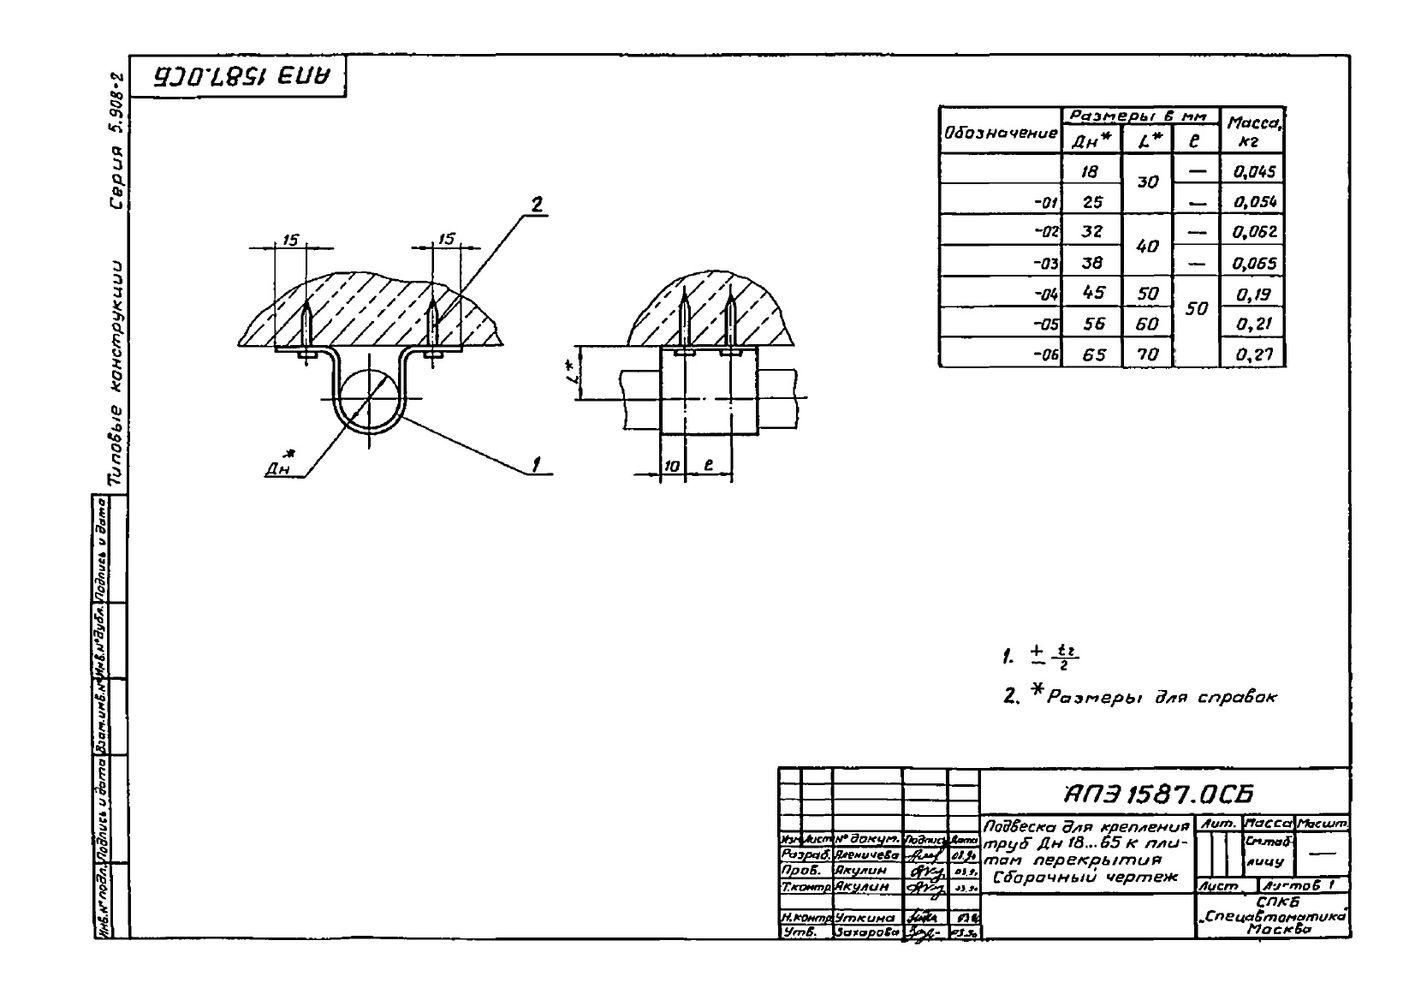 Подвеска АПЭ 1587.0 серия 5.908-2 стр.1